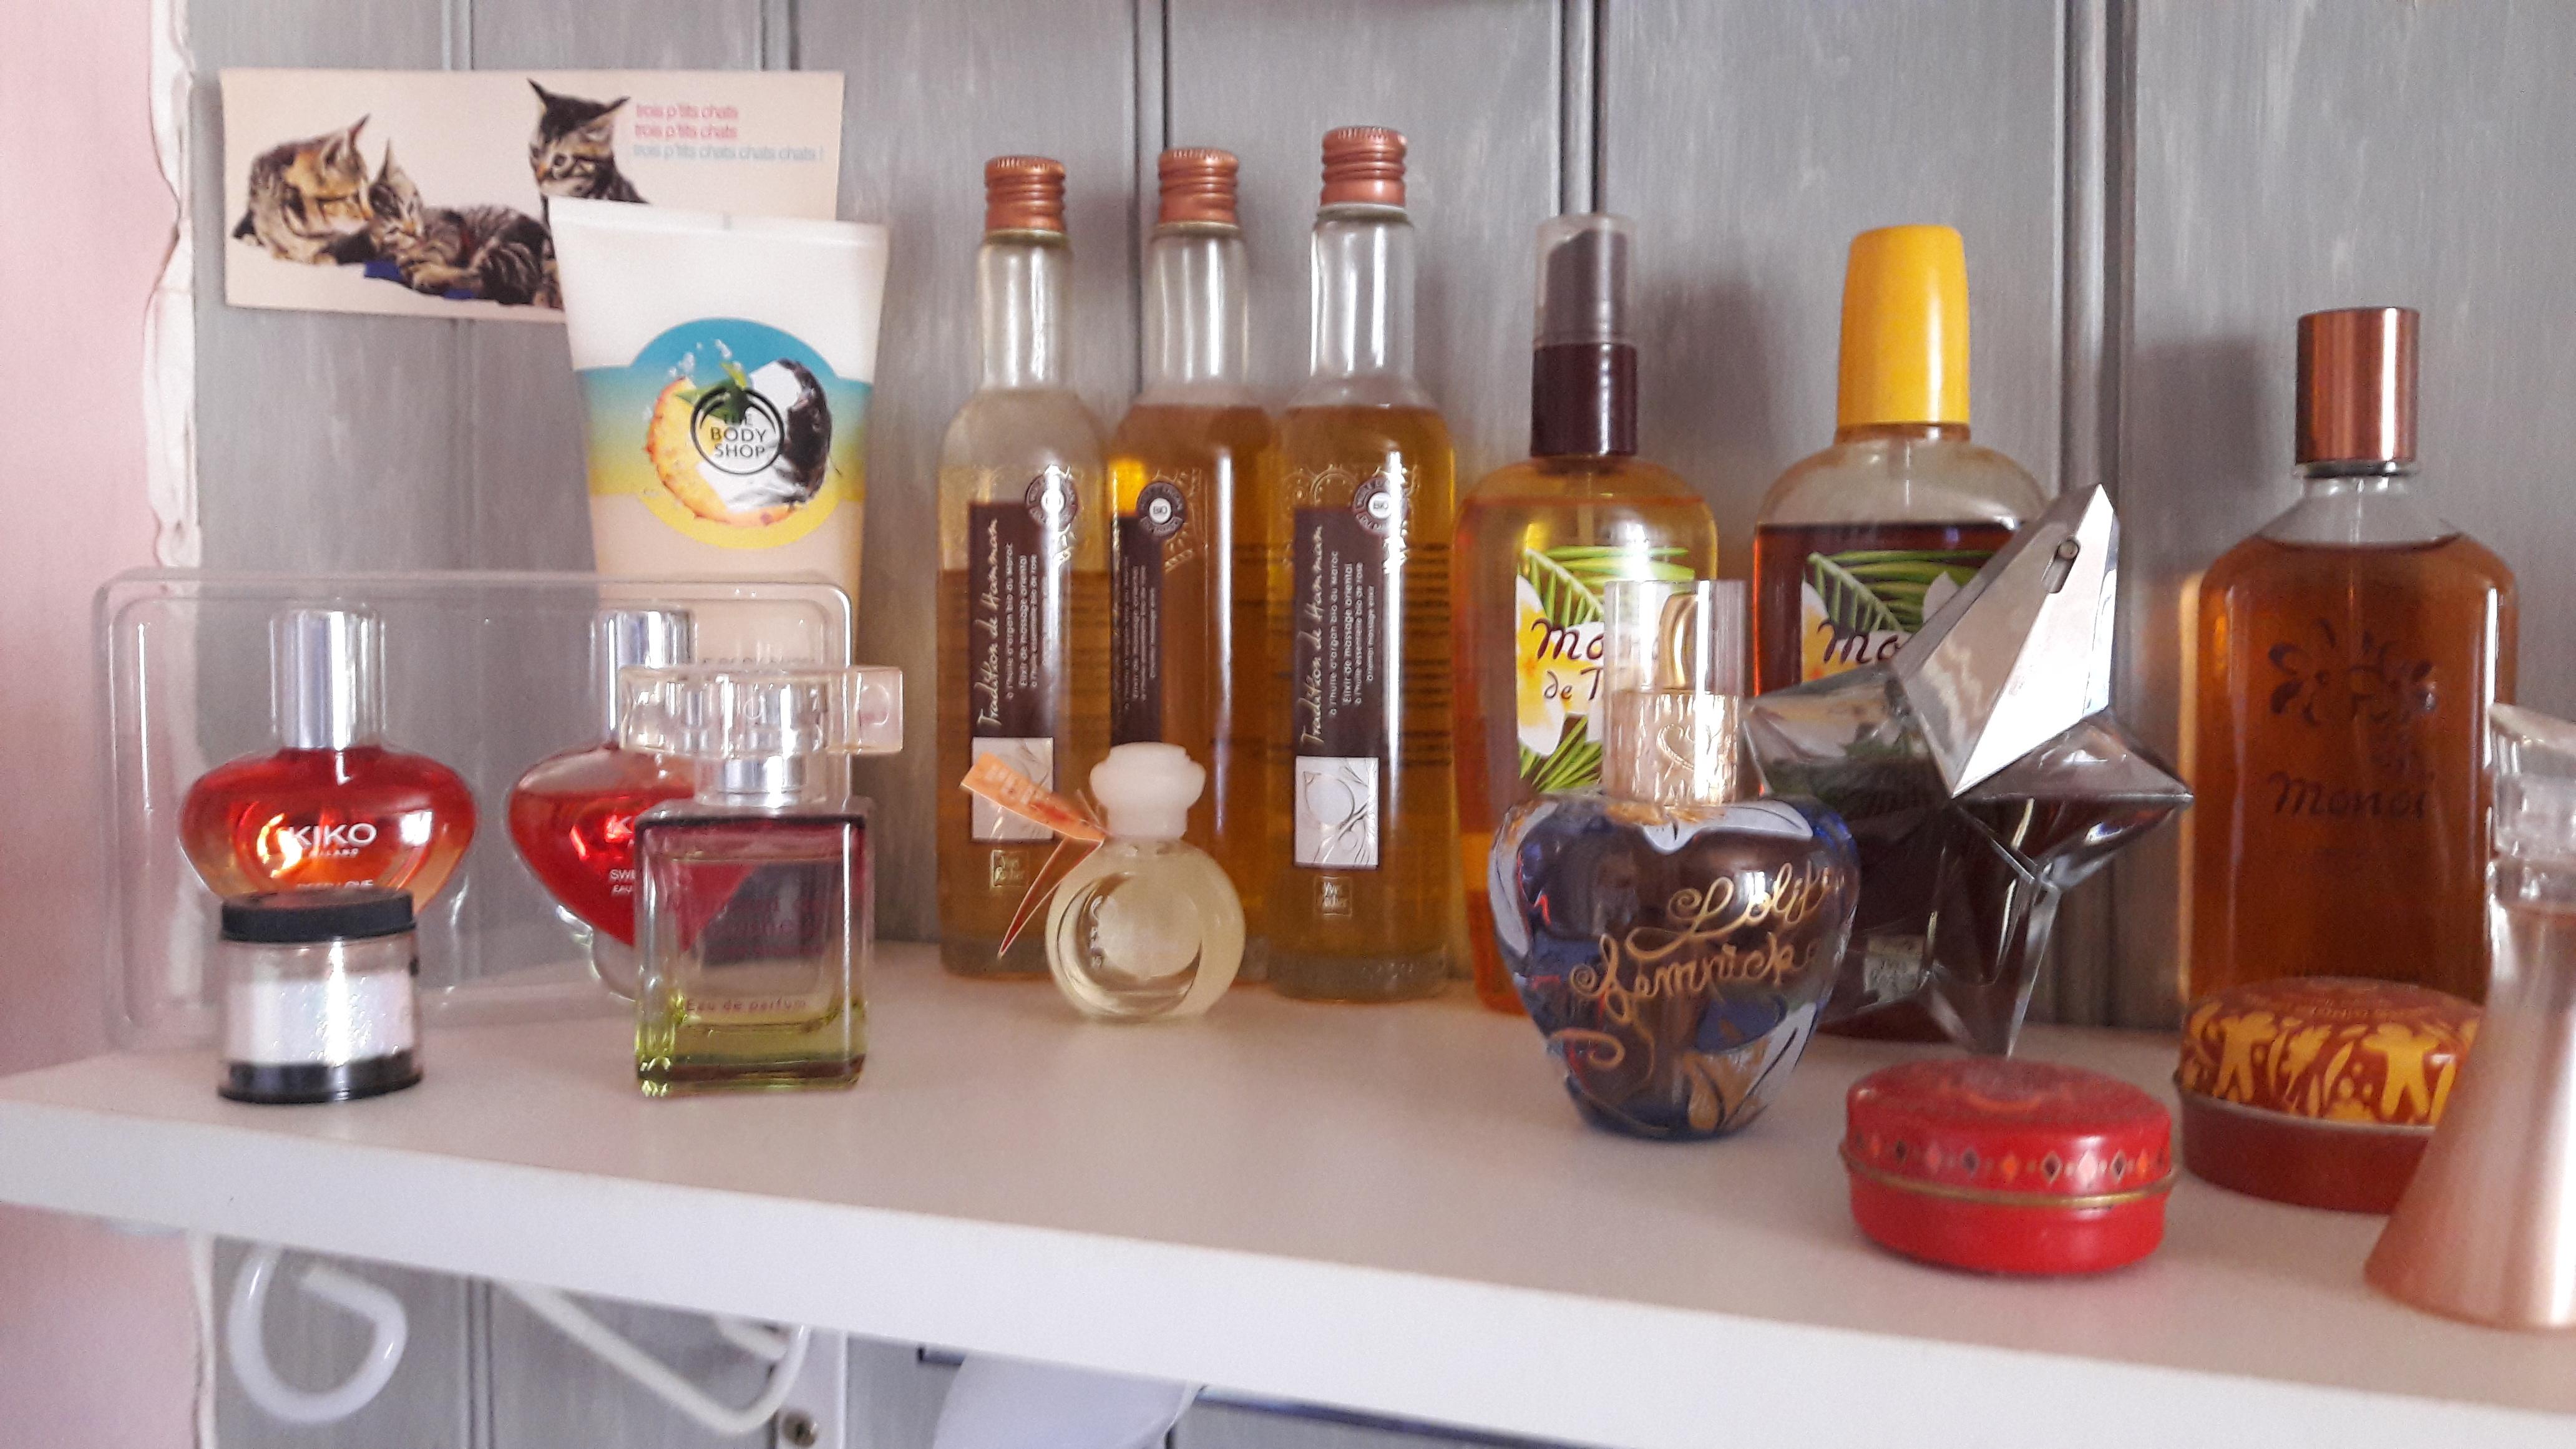 De Tag Mes Fourbi Collection Parfums Le – Coco Gossip c3AjL5RS4q